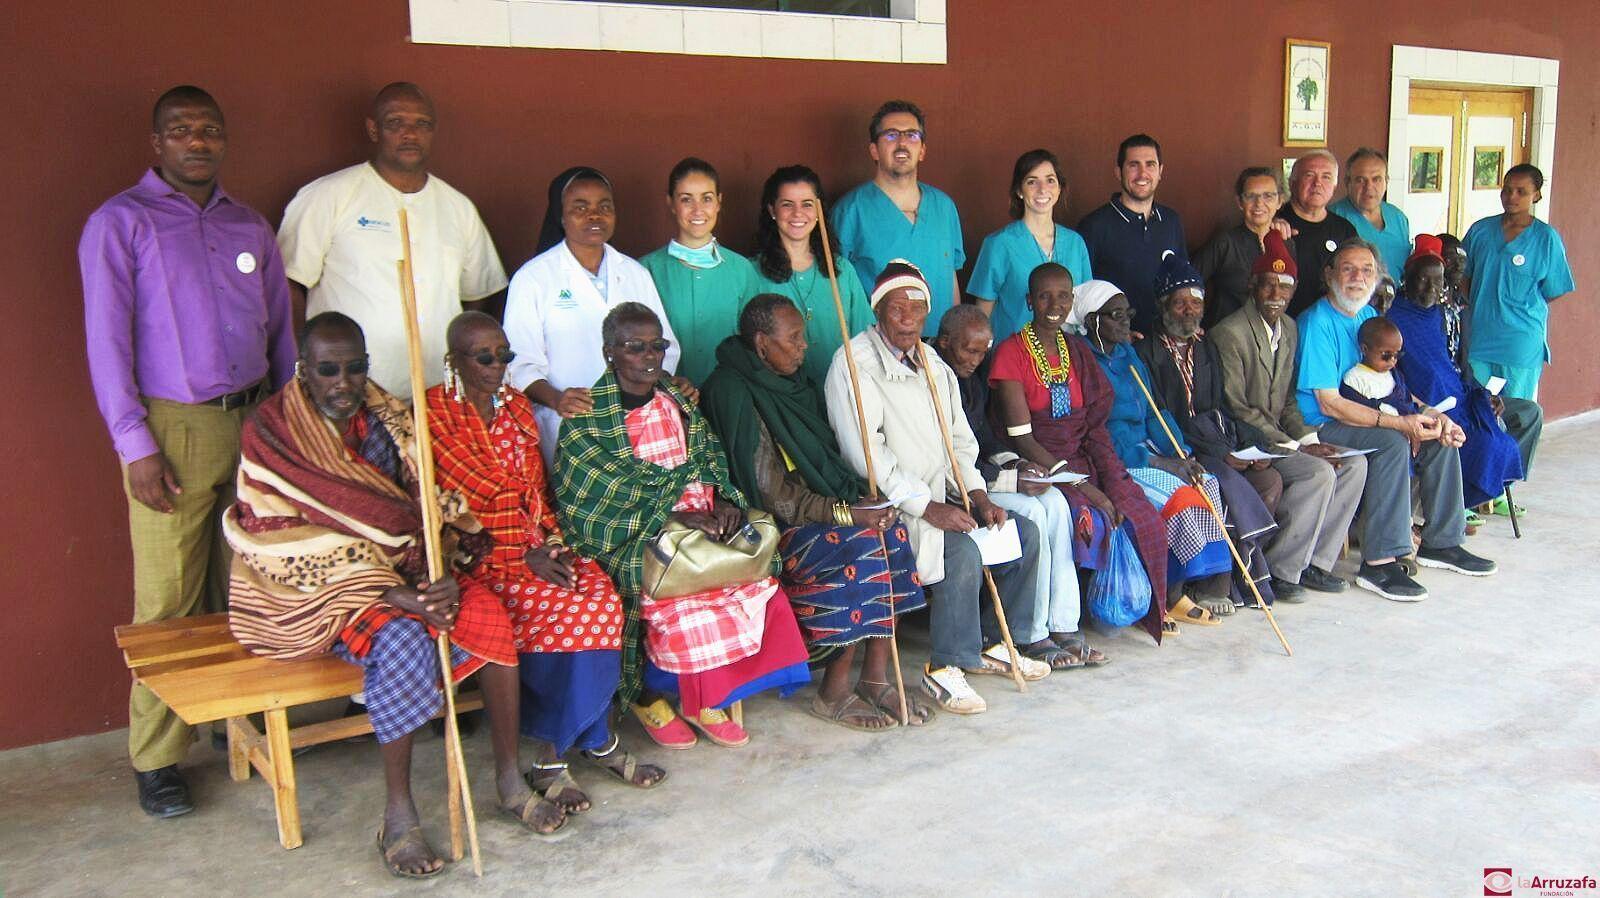 Equipo de cooperantes de la Fundación La Arruzafa en la expedición 'Tanzania XI'